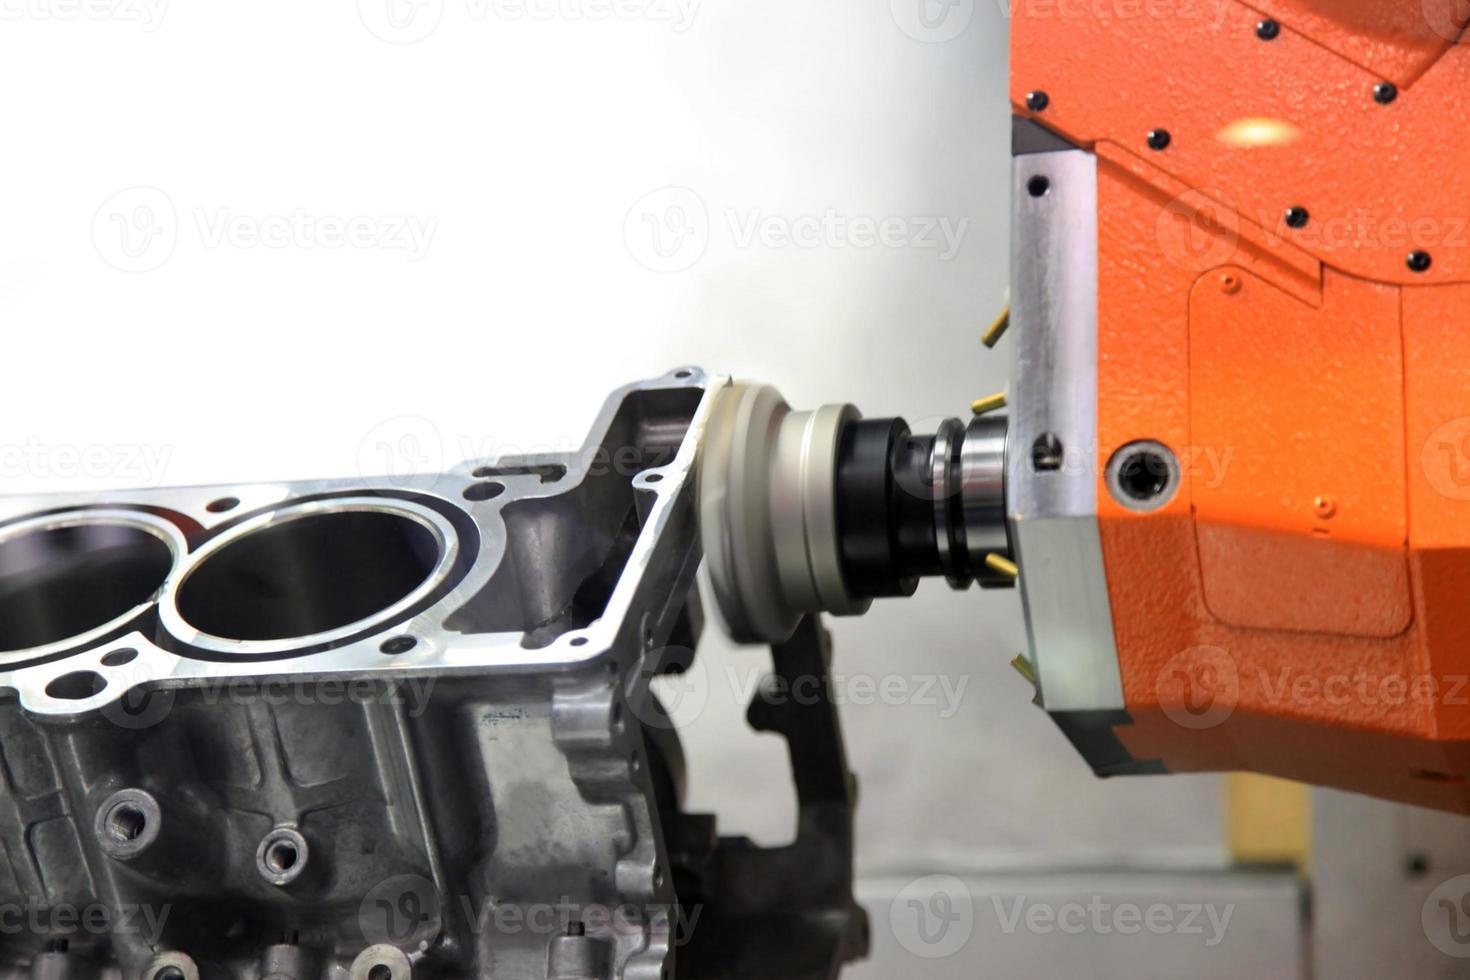 produção de motor automotivo foto